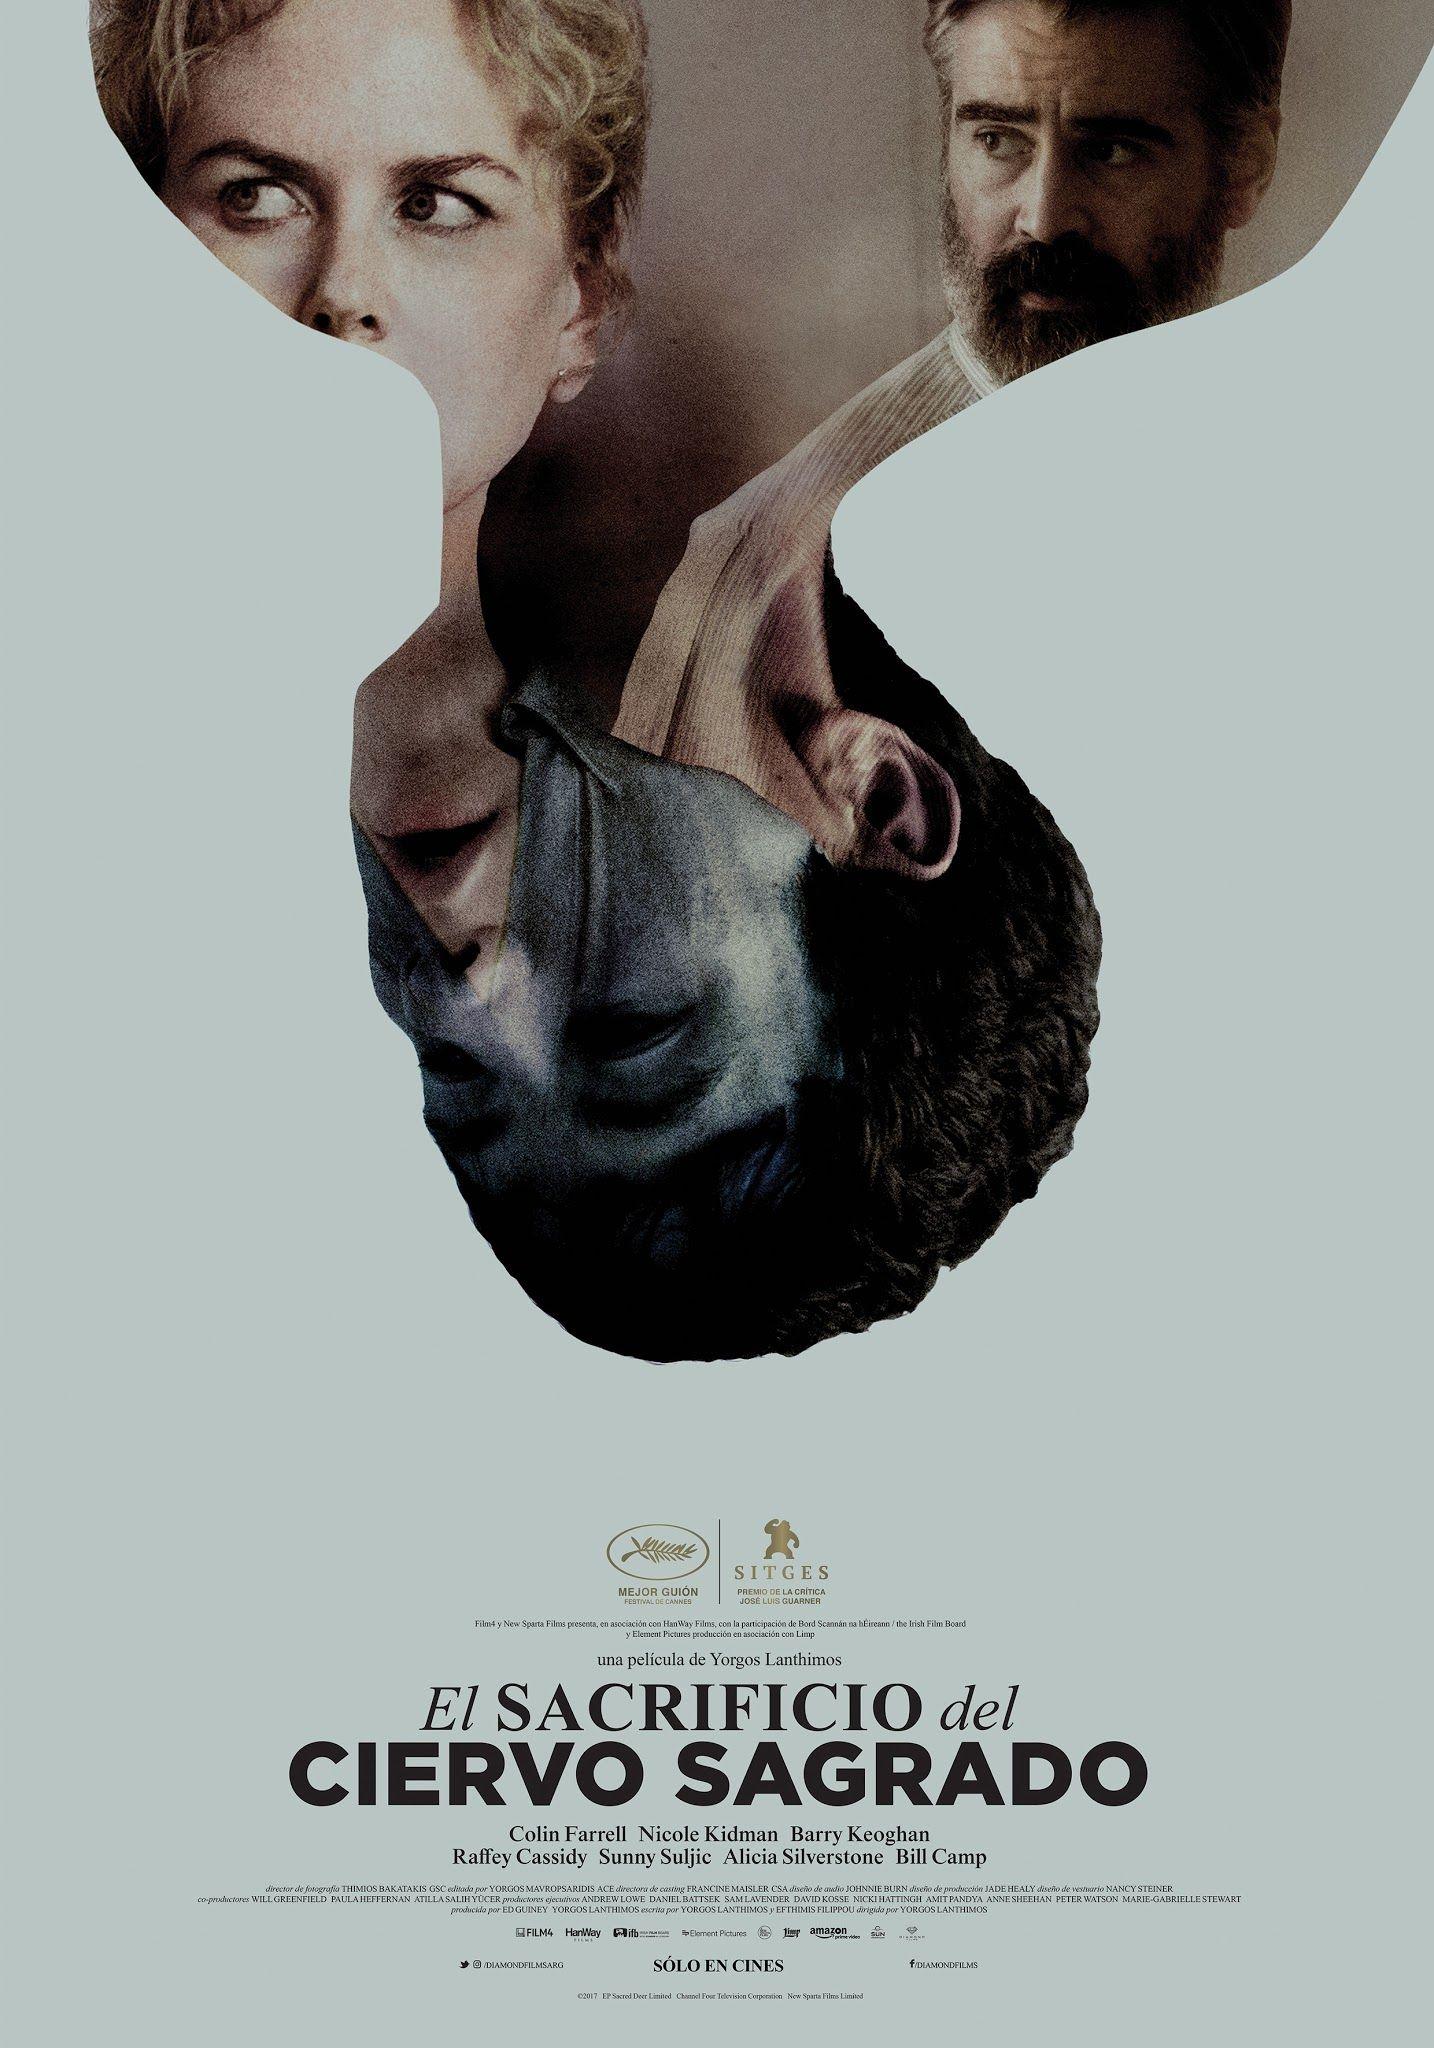 El Sacrificio Del Ciervo Sagrado Mejores Peliculas De Netflix Peliculas Cine Portadas De Películas